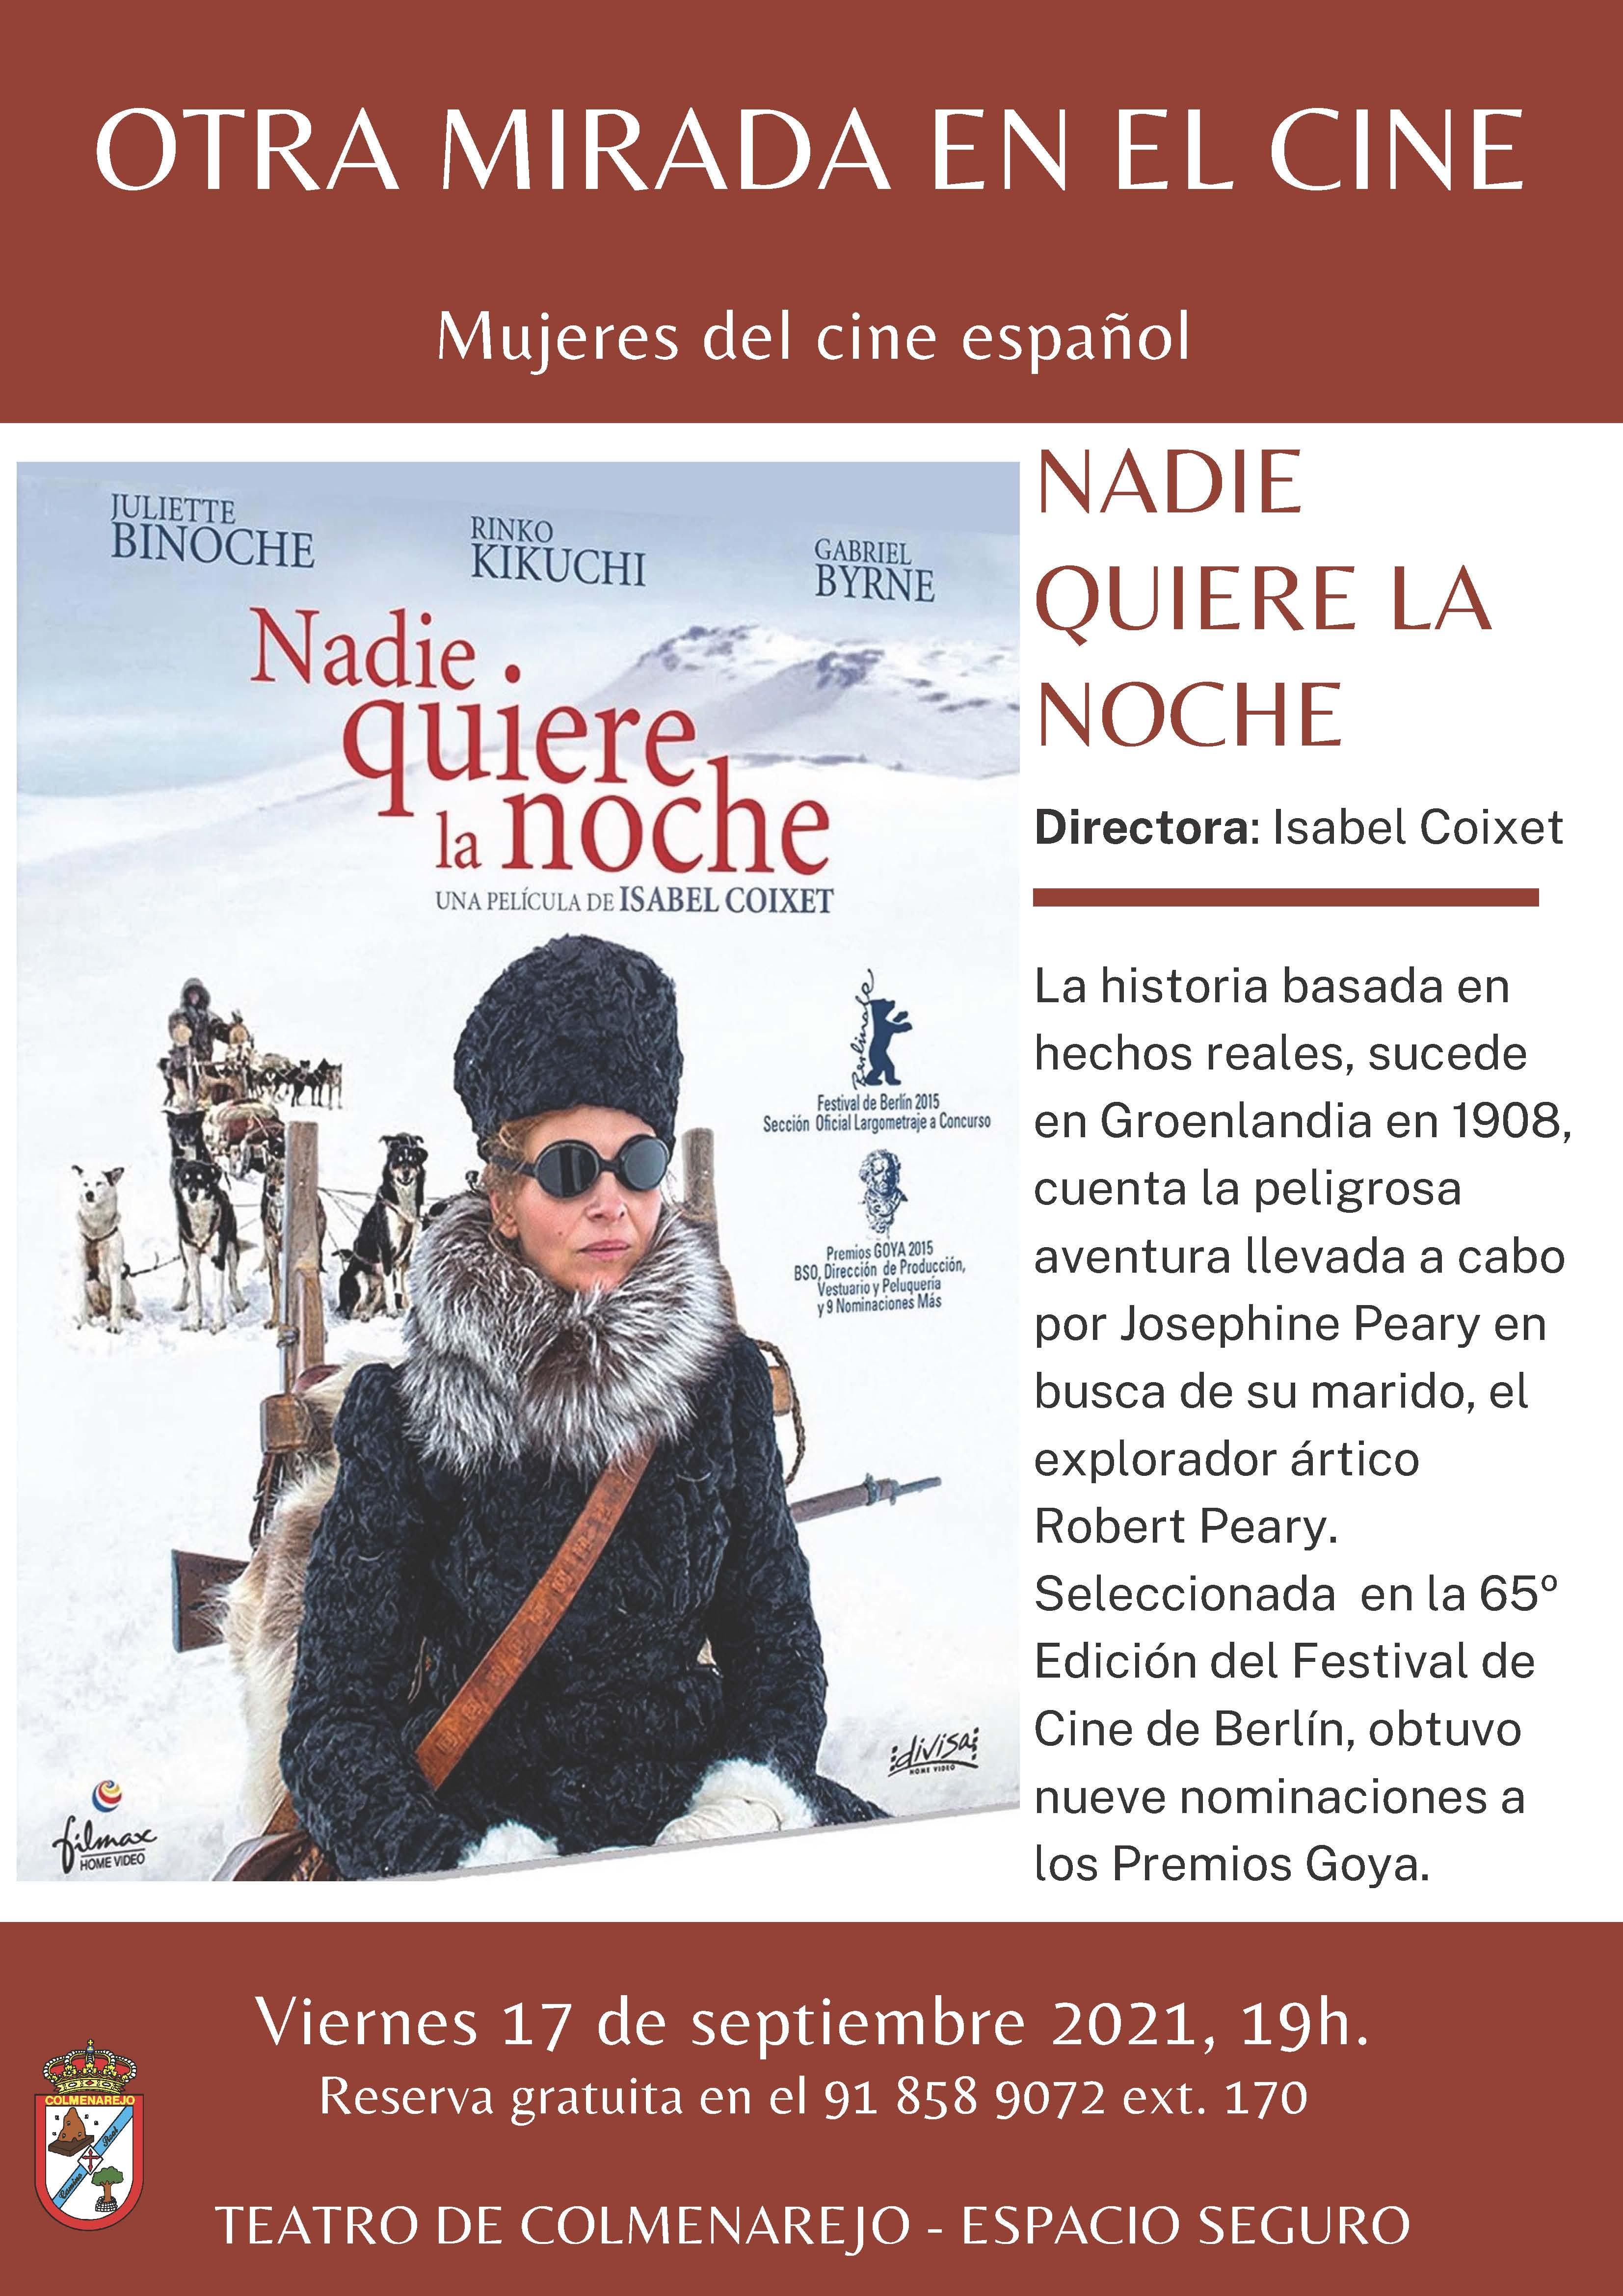 Cine: NADIE QUIERE LA NOCHE @ Teatro de Colmenarejo